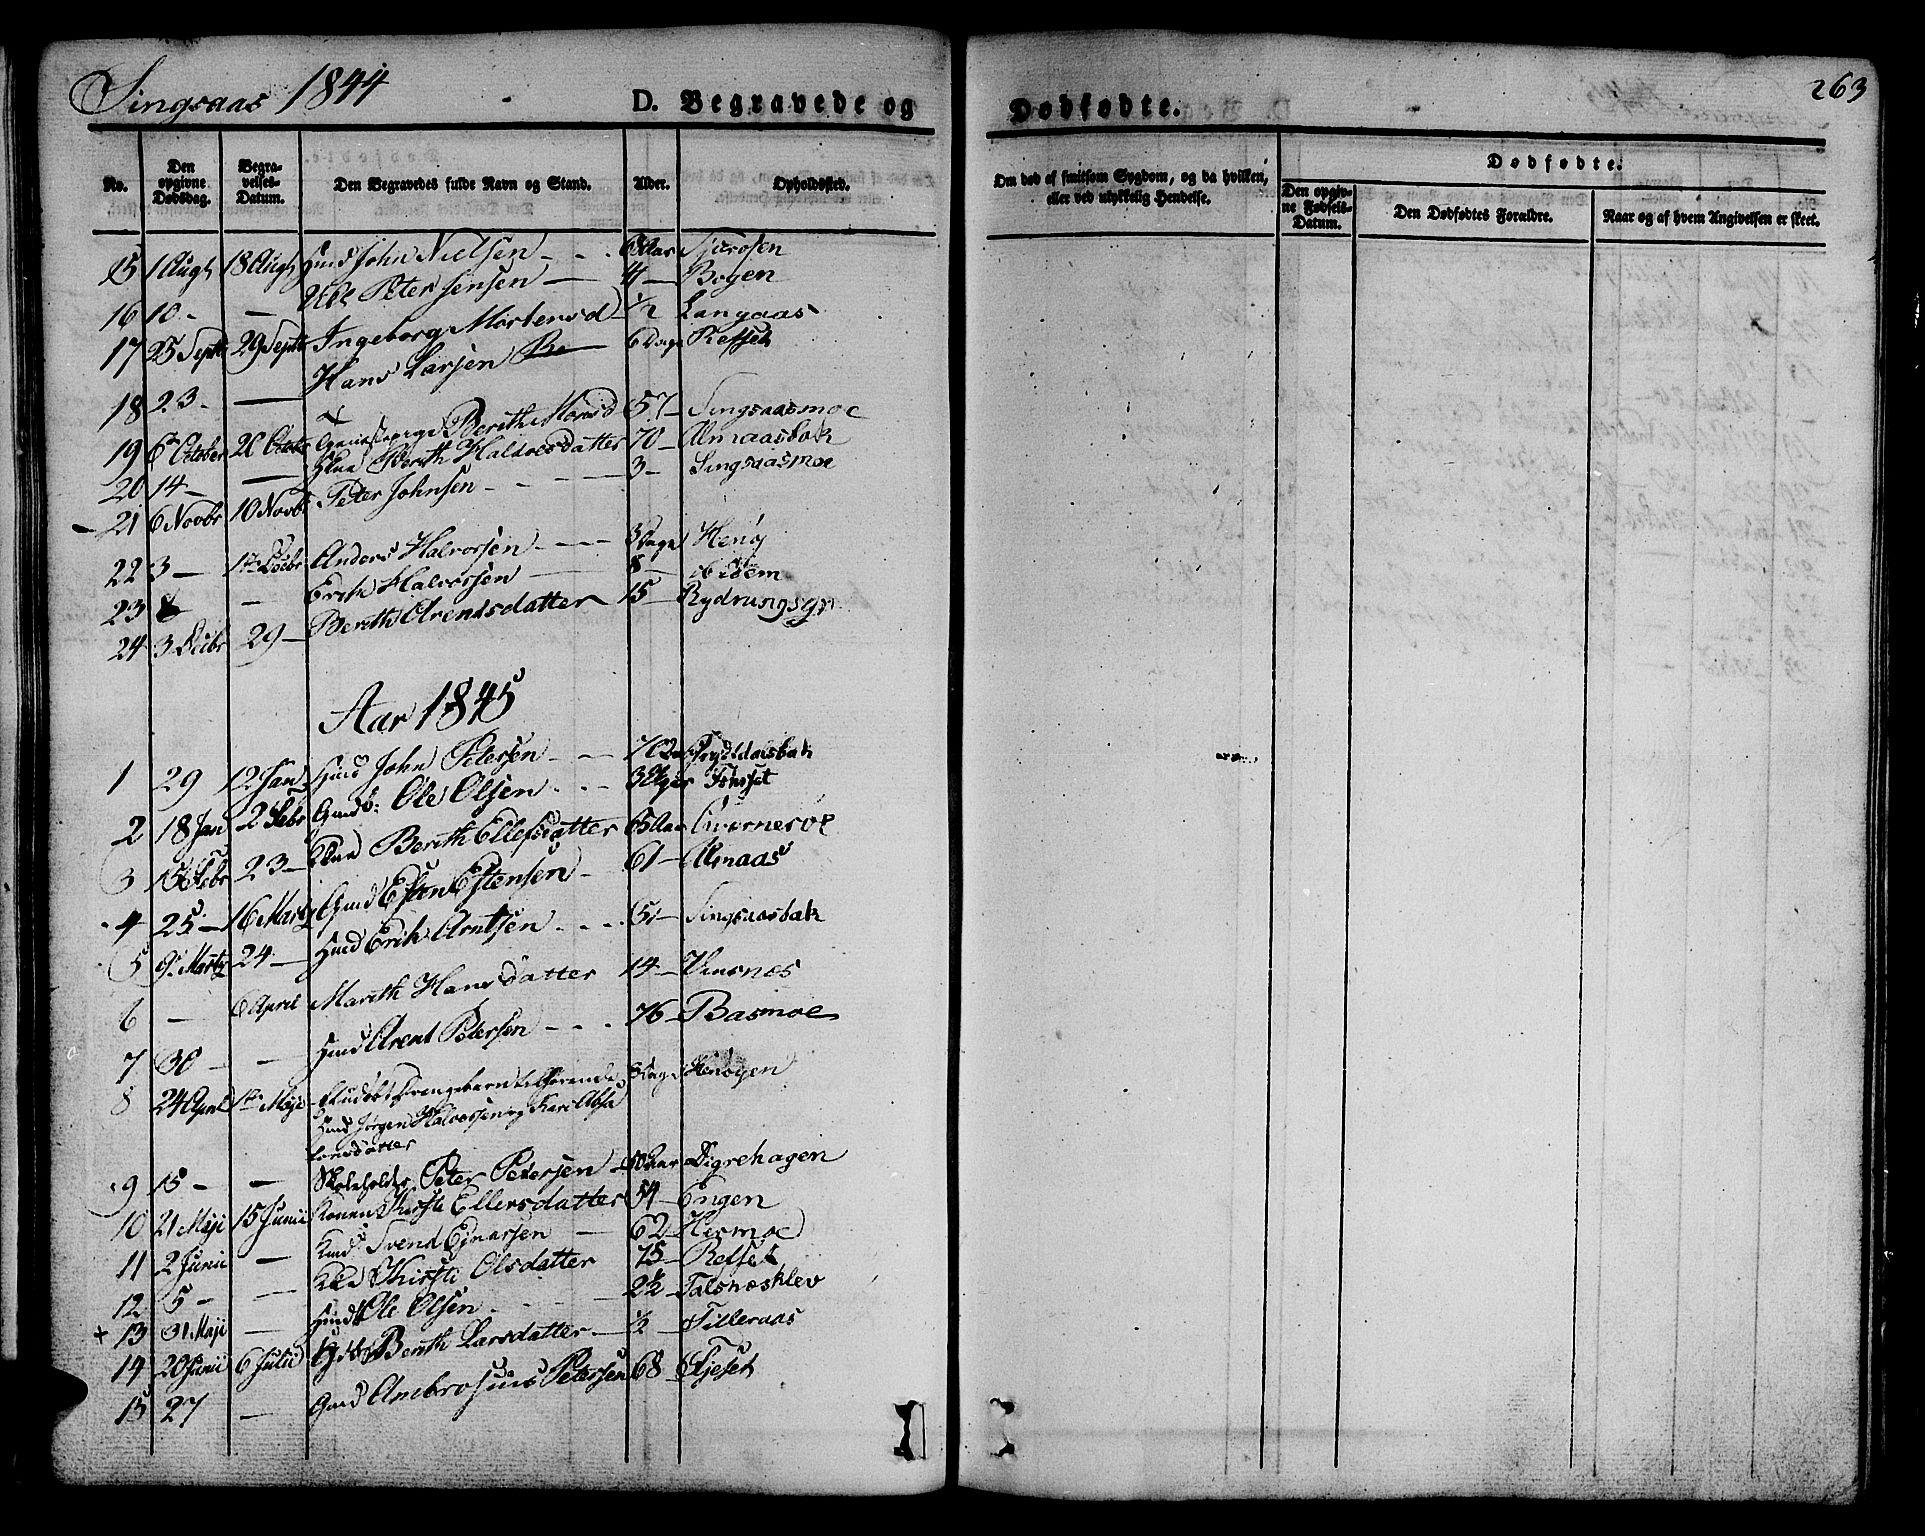 SAT, Ministerialprotokoller, klokkerbøker og fødselsregistre - Sør-Trøndelag, 685/L0961: Ministerialbok nr. 685A05 /2, 1829-1845, s. 263